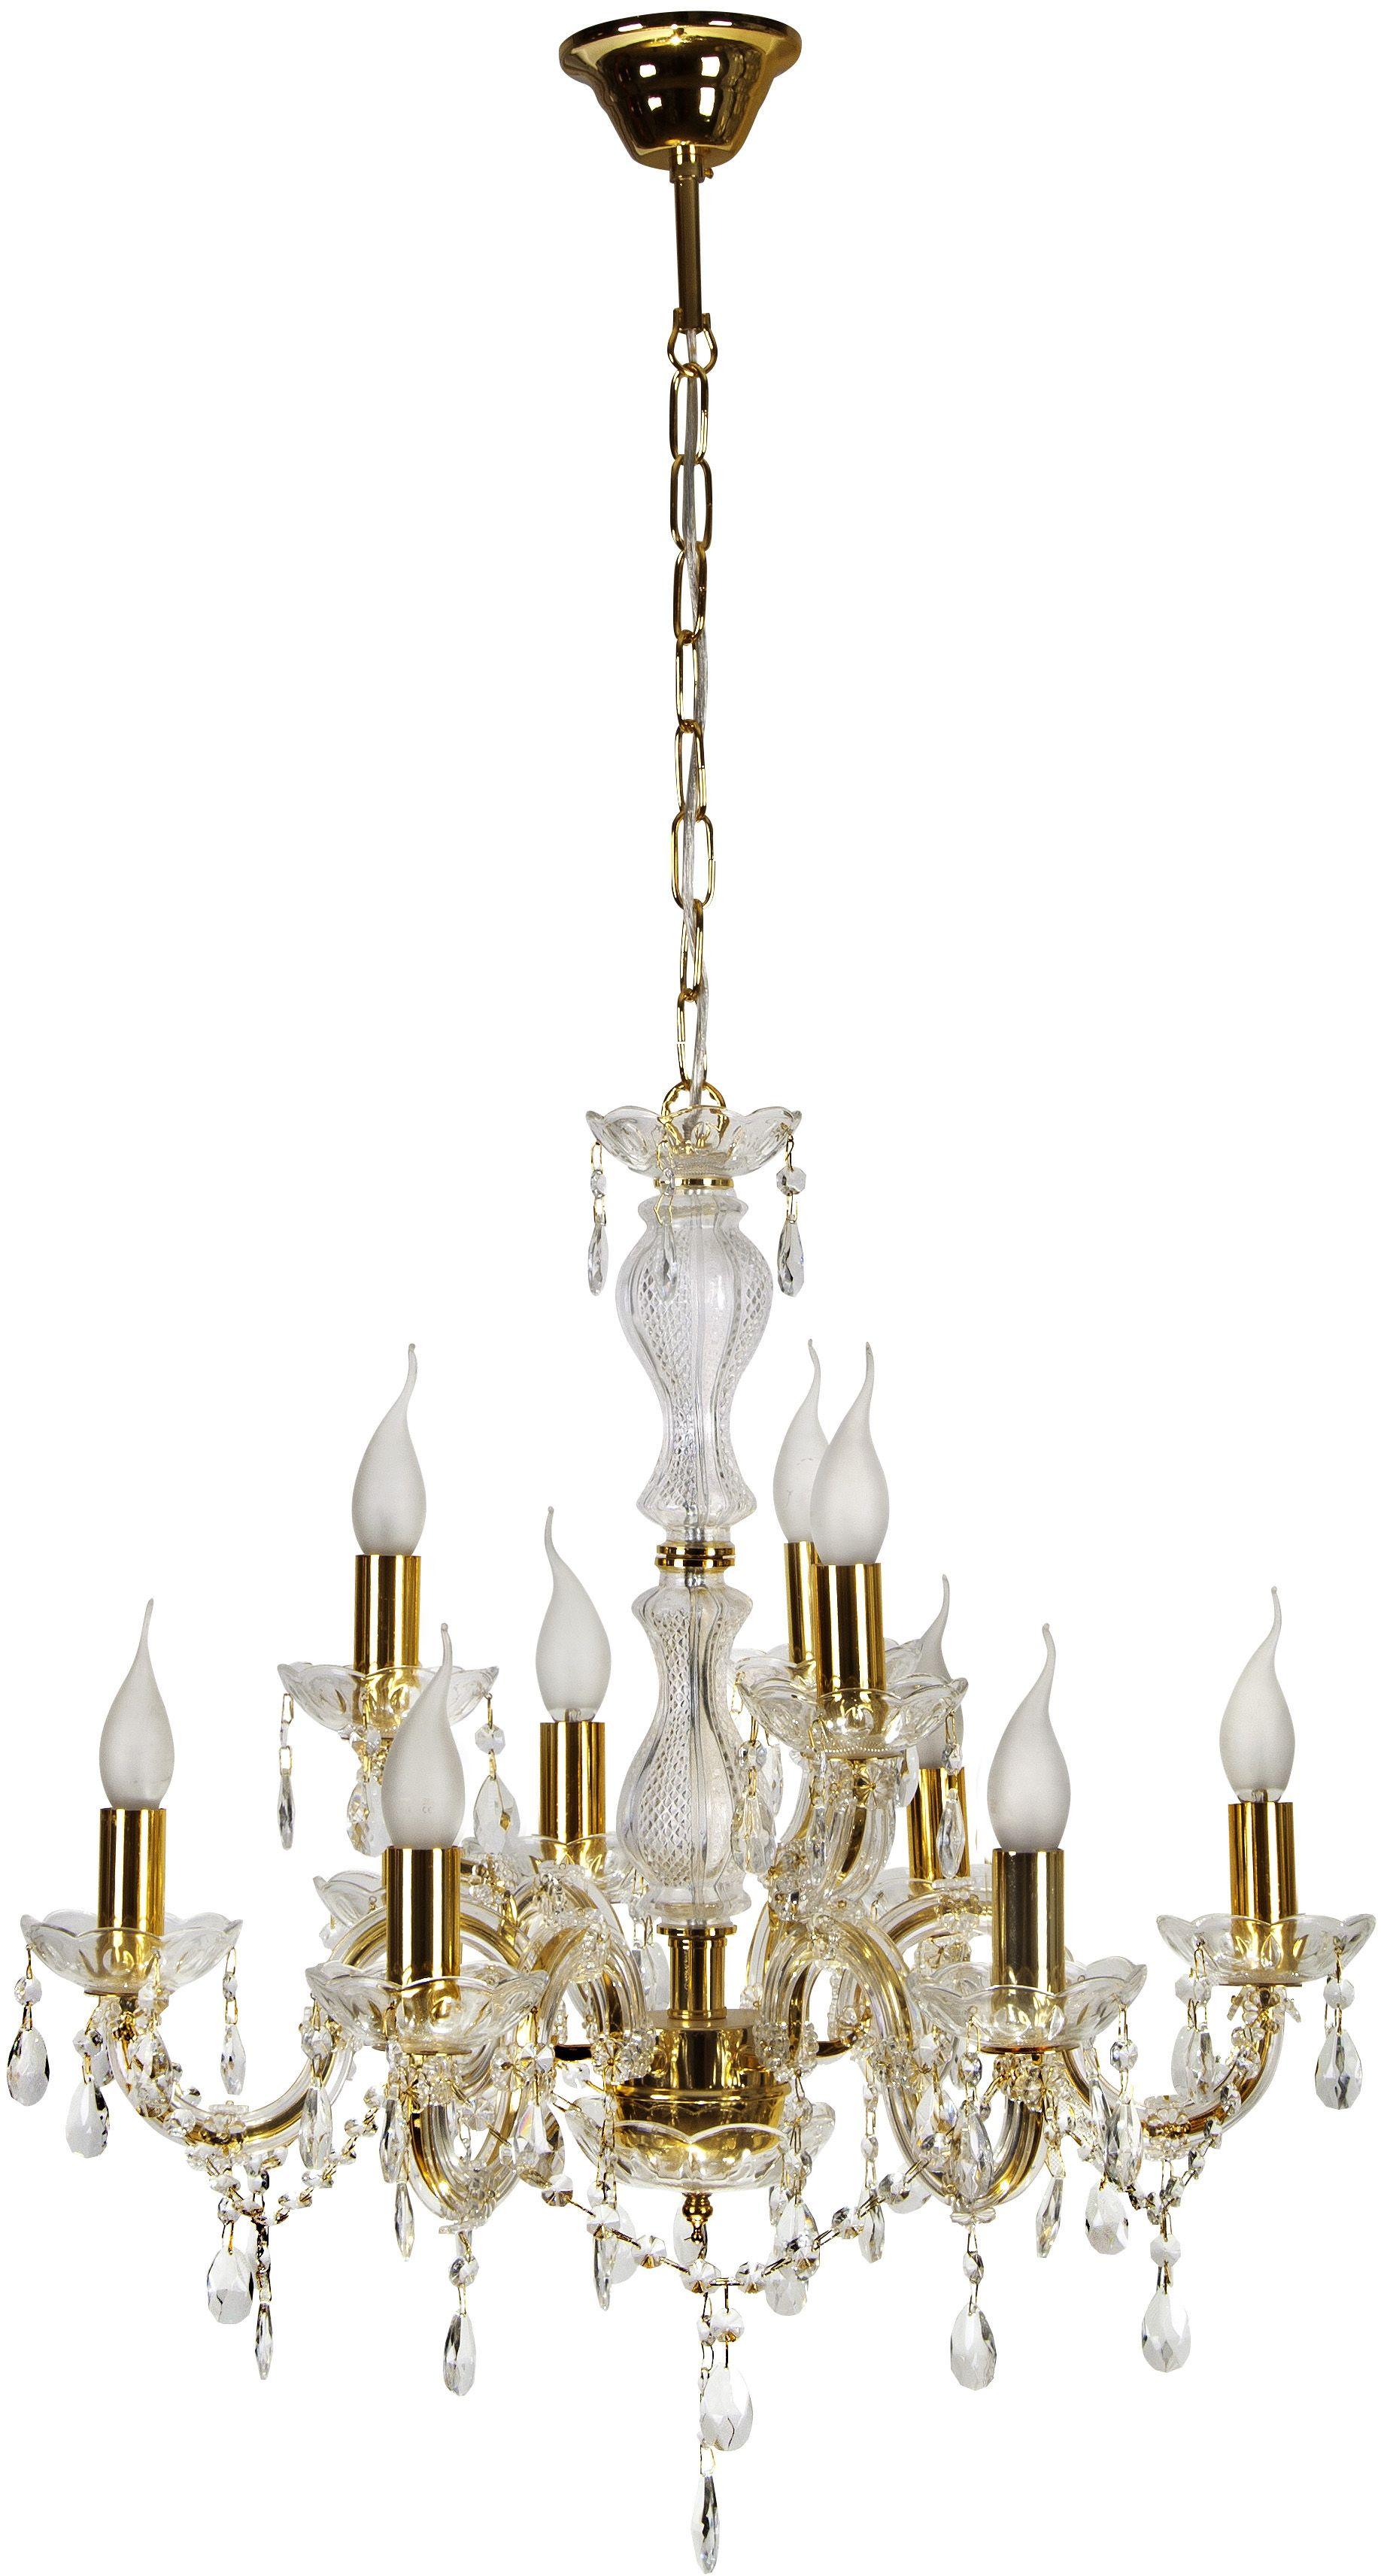 Candellux MARIA TERESA 39-95841 żyrandol złoty kryształy 9X40W E14 62cm